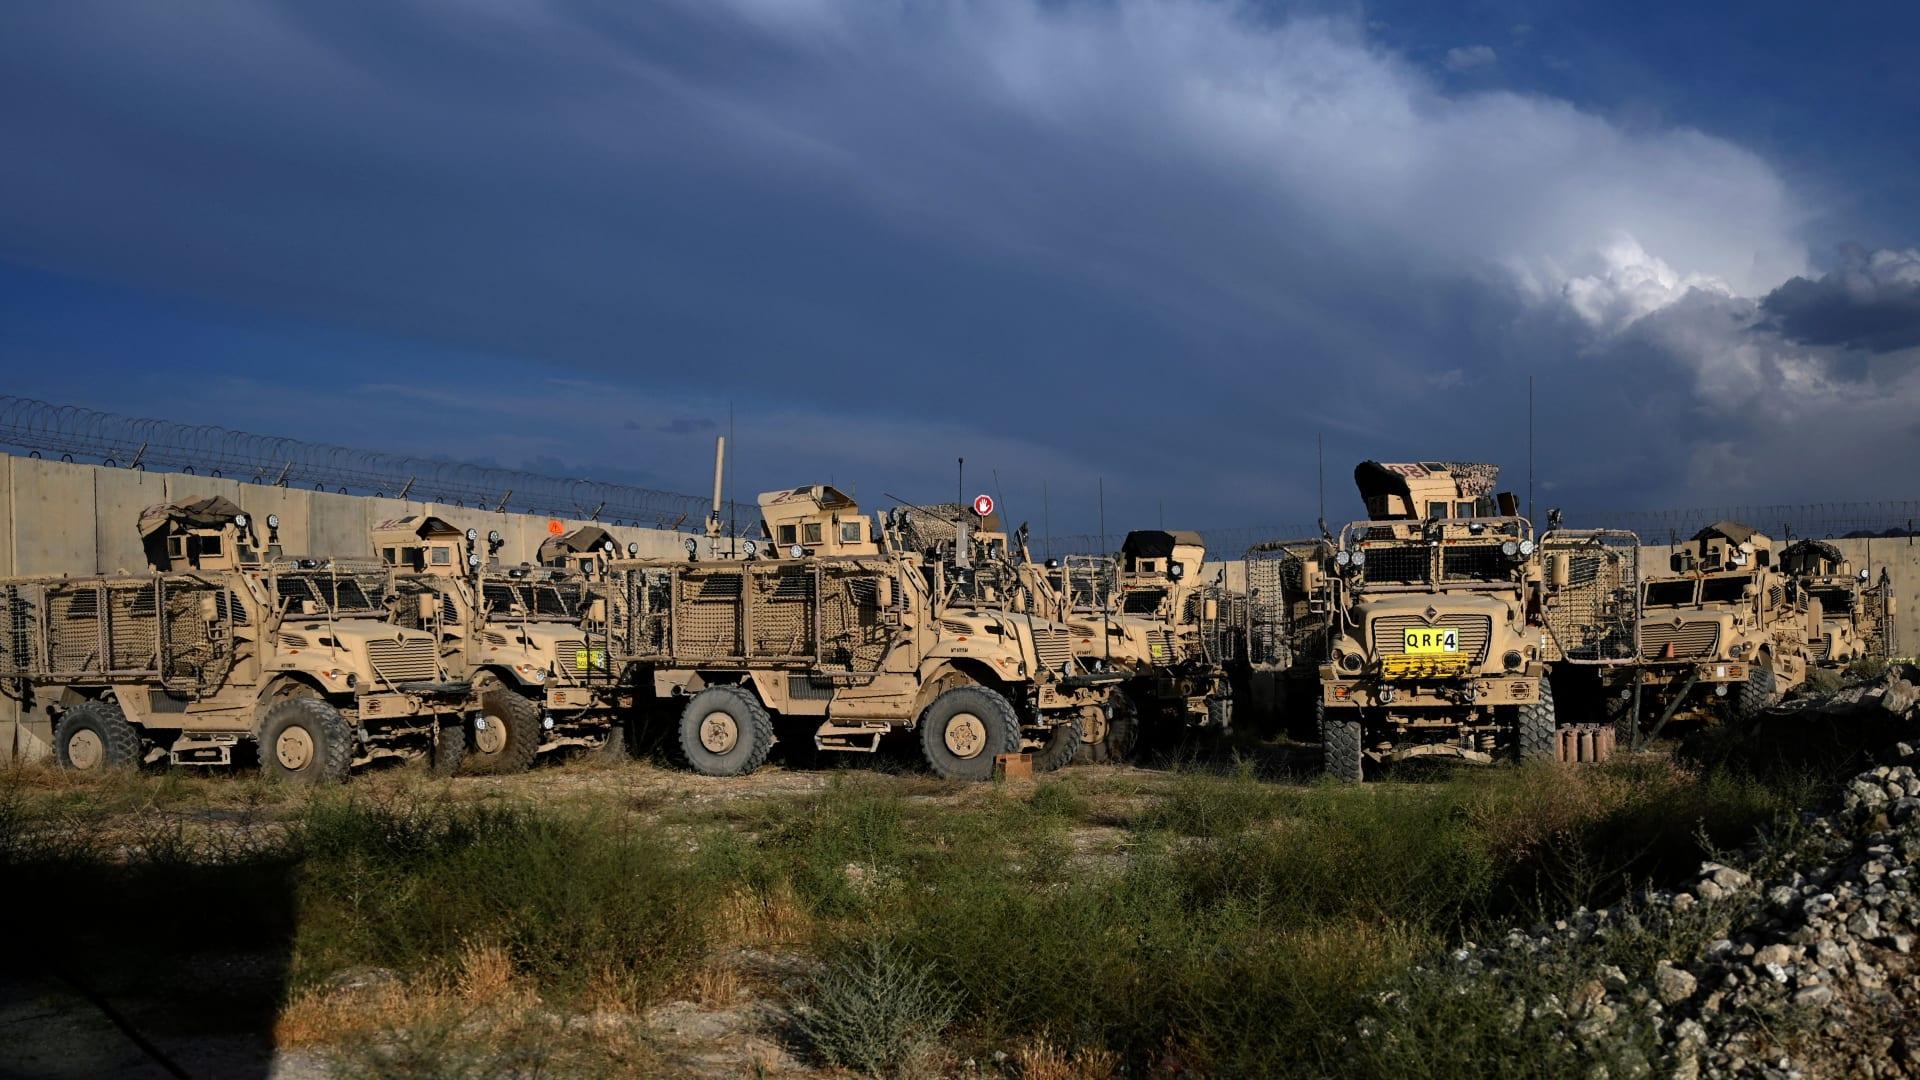 مركبات الحماية من الكمائن المقاومة للألغام (MRAP) داخل قاعدة باغرام الجوية الأمريكية بعد مغادرة جميع القوات الأمريكية وحلف شمال الأطلسي ، على بعد حوالي 70 كم شمال كابول في 5 يوليو 2021